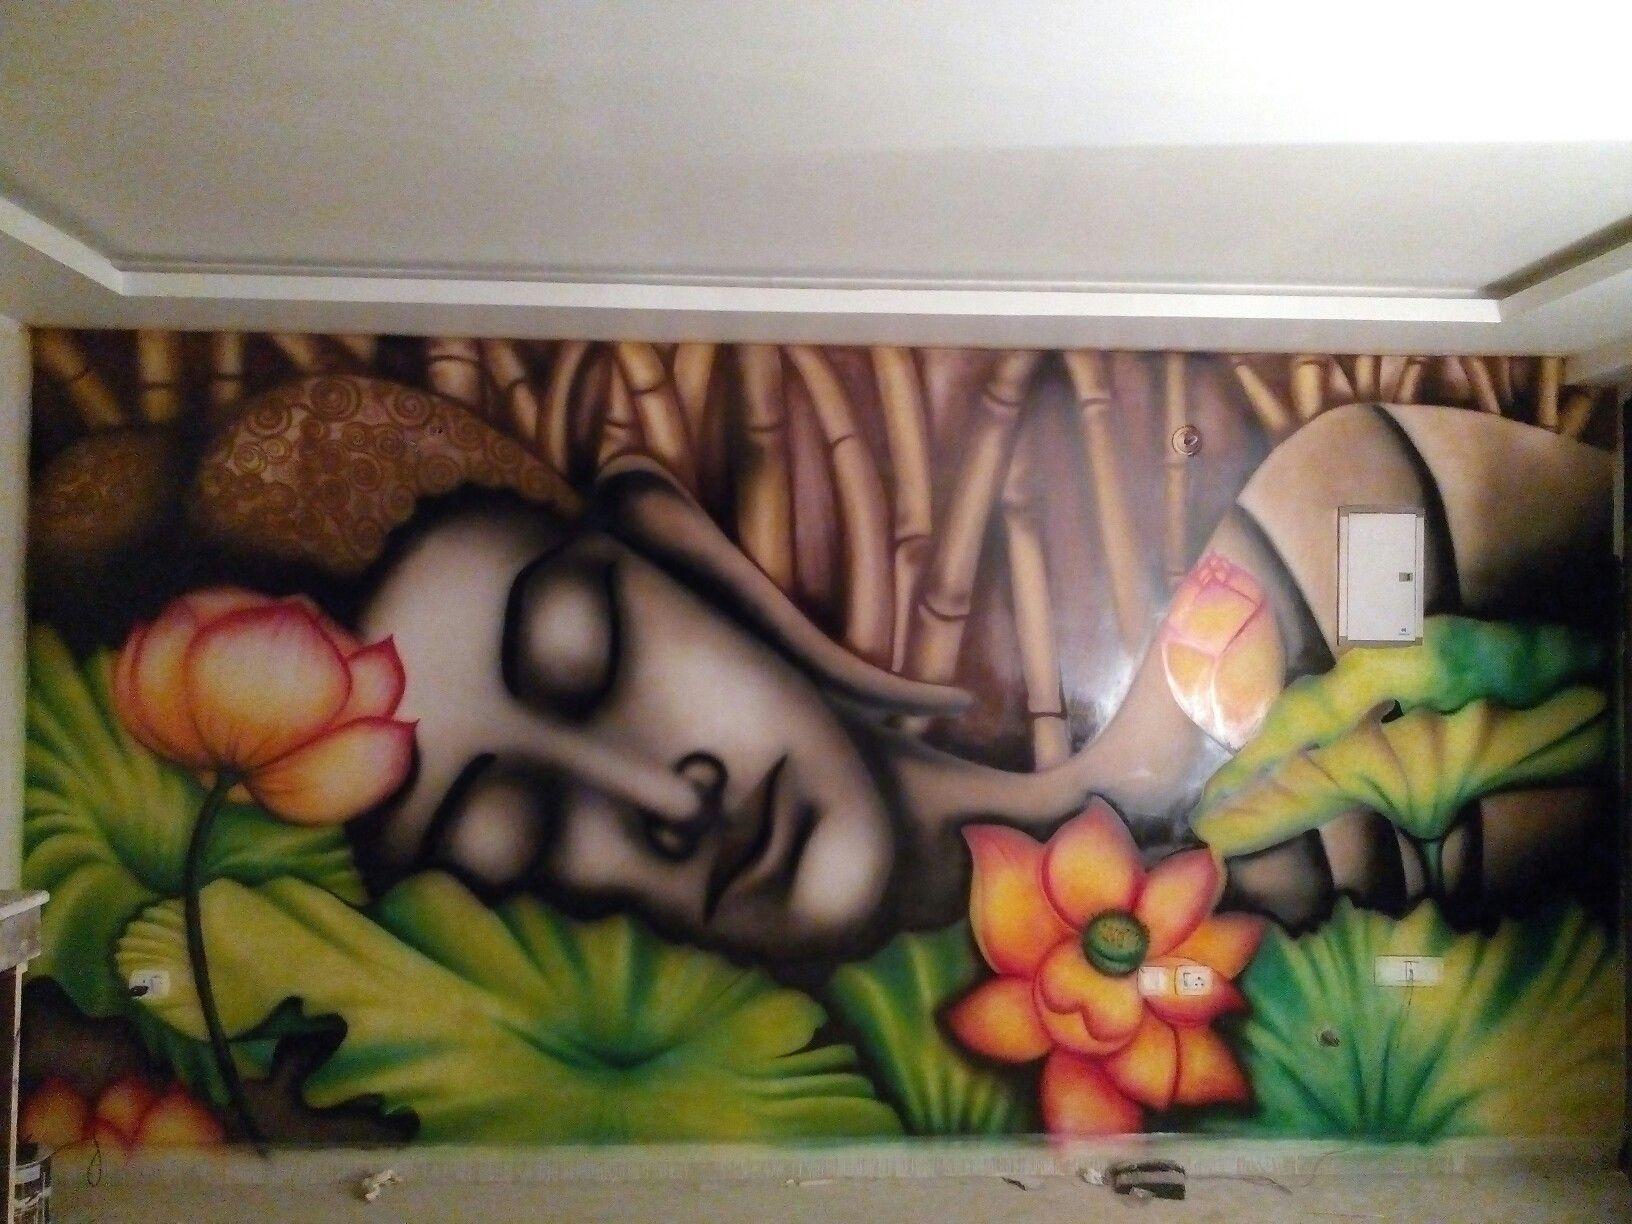 Wall Painting Buddha Sleeping Buddha Buddhist Art Buddha